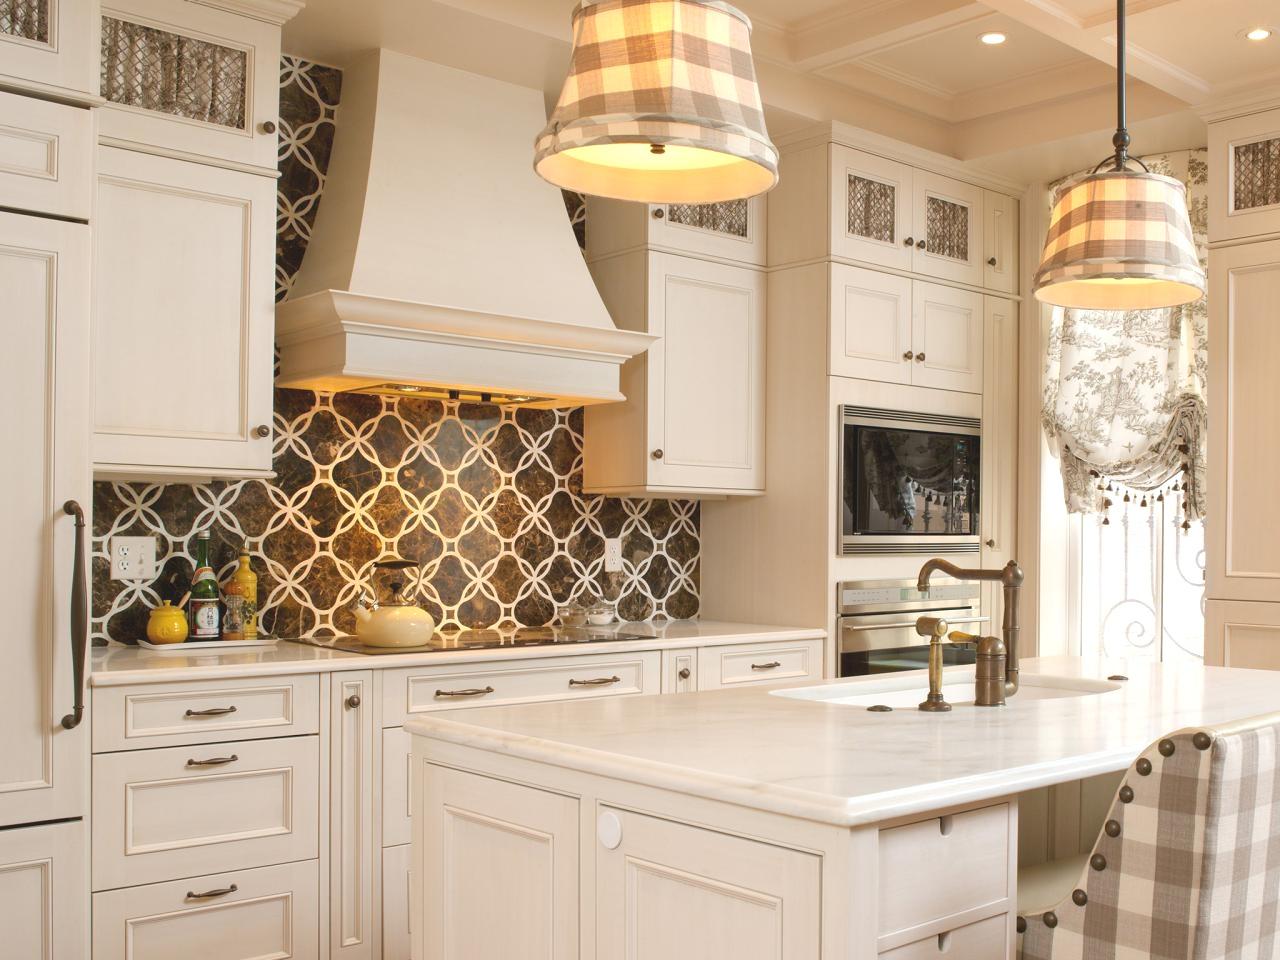 décoratif-classique-cuisine-dosseret-idées-ornemental-floral-blanc-armoire-aspect-cool-brossé-inoxydable-long-grain-moderne-créatif-hexagone-mosaïque-contemporain-amande-tumbled-marbre